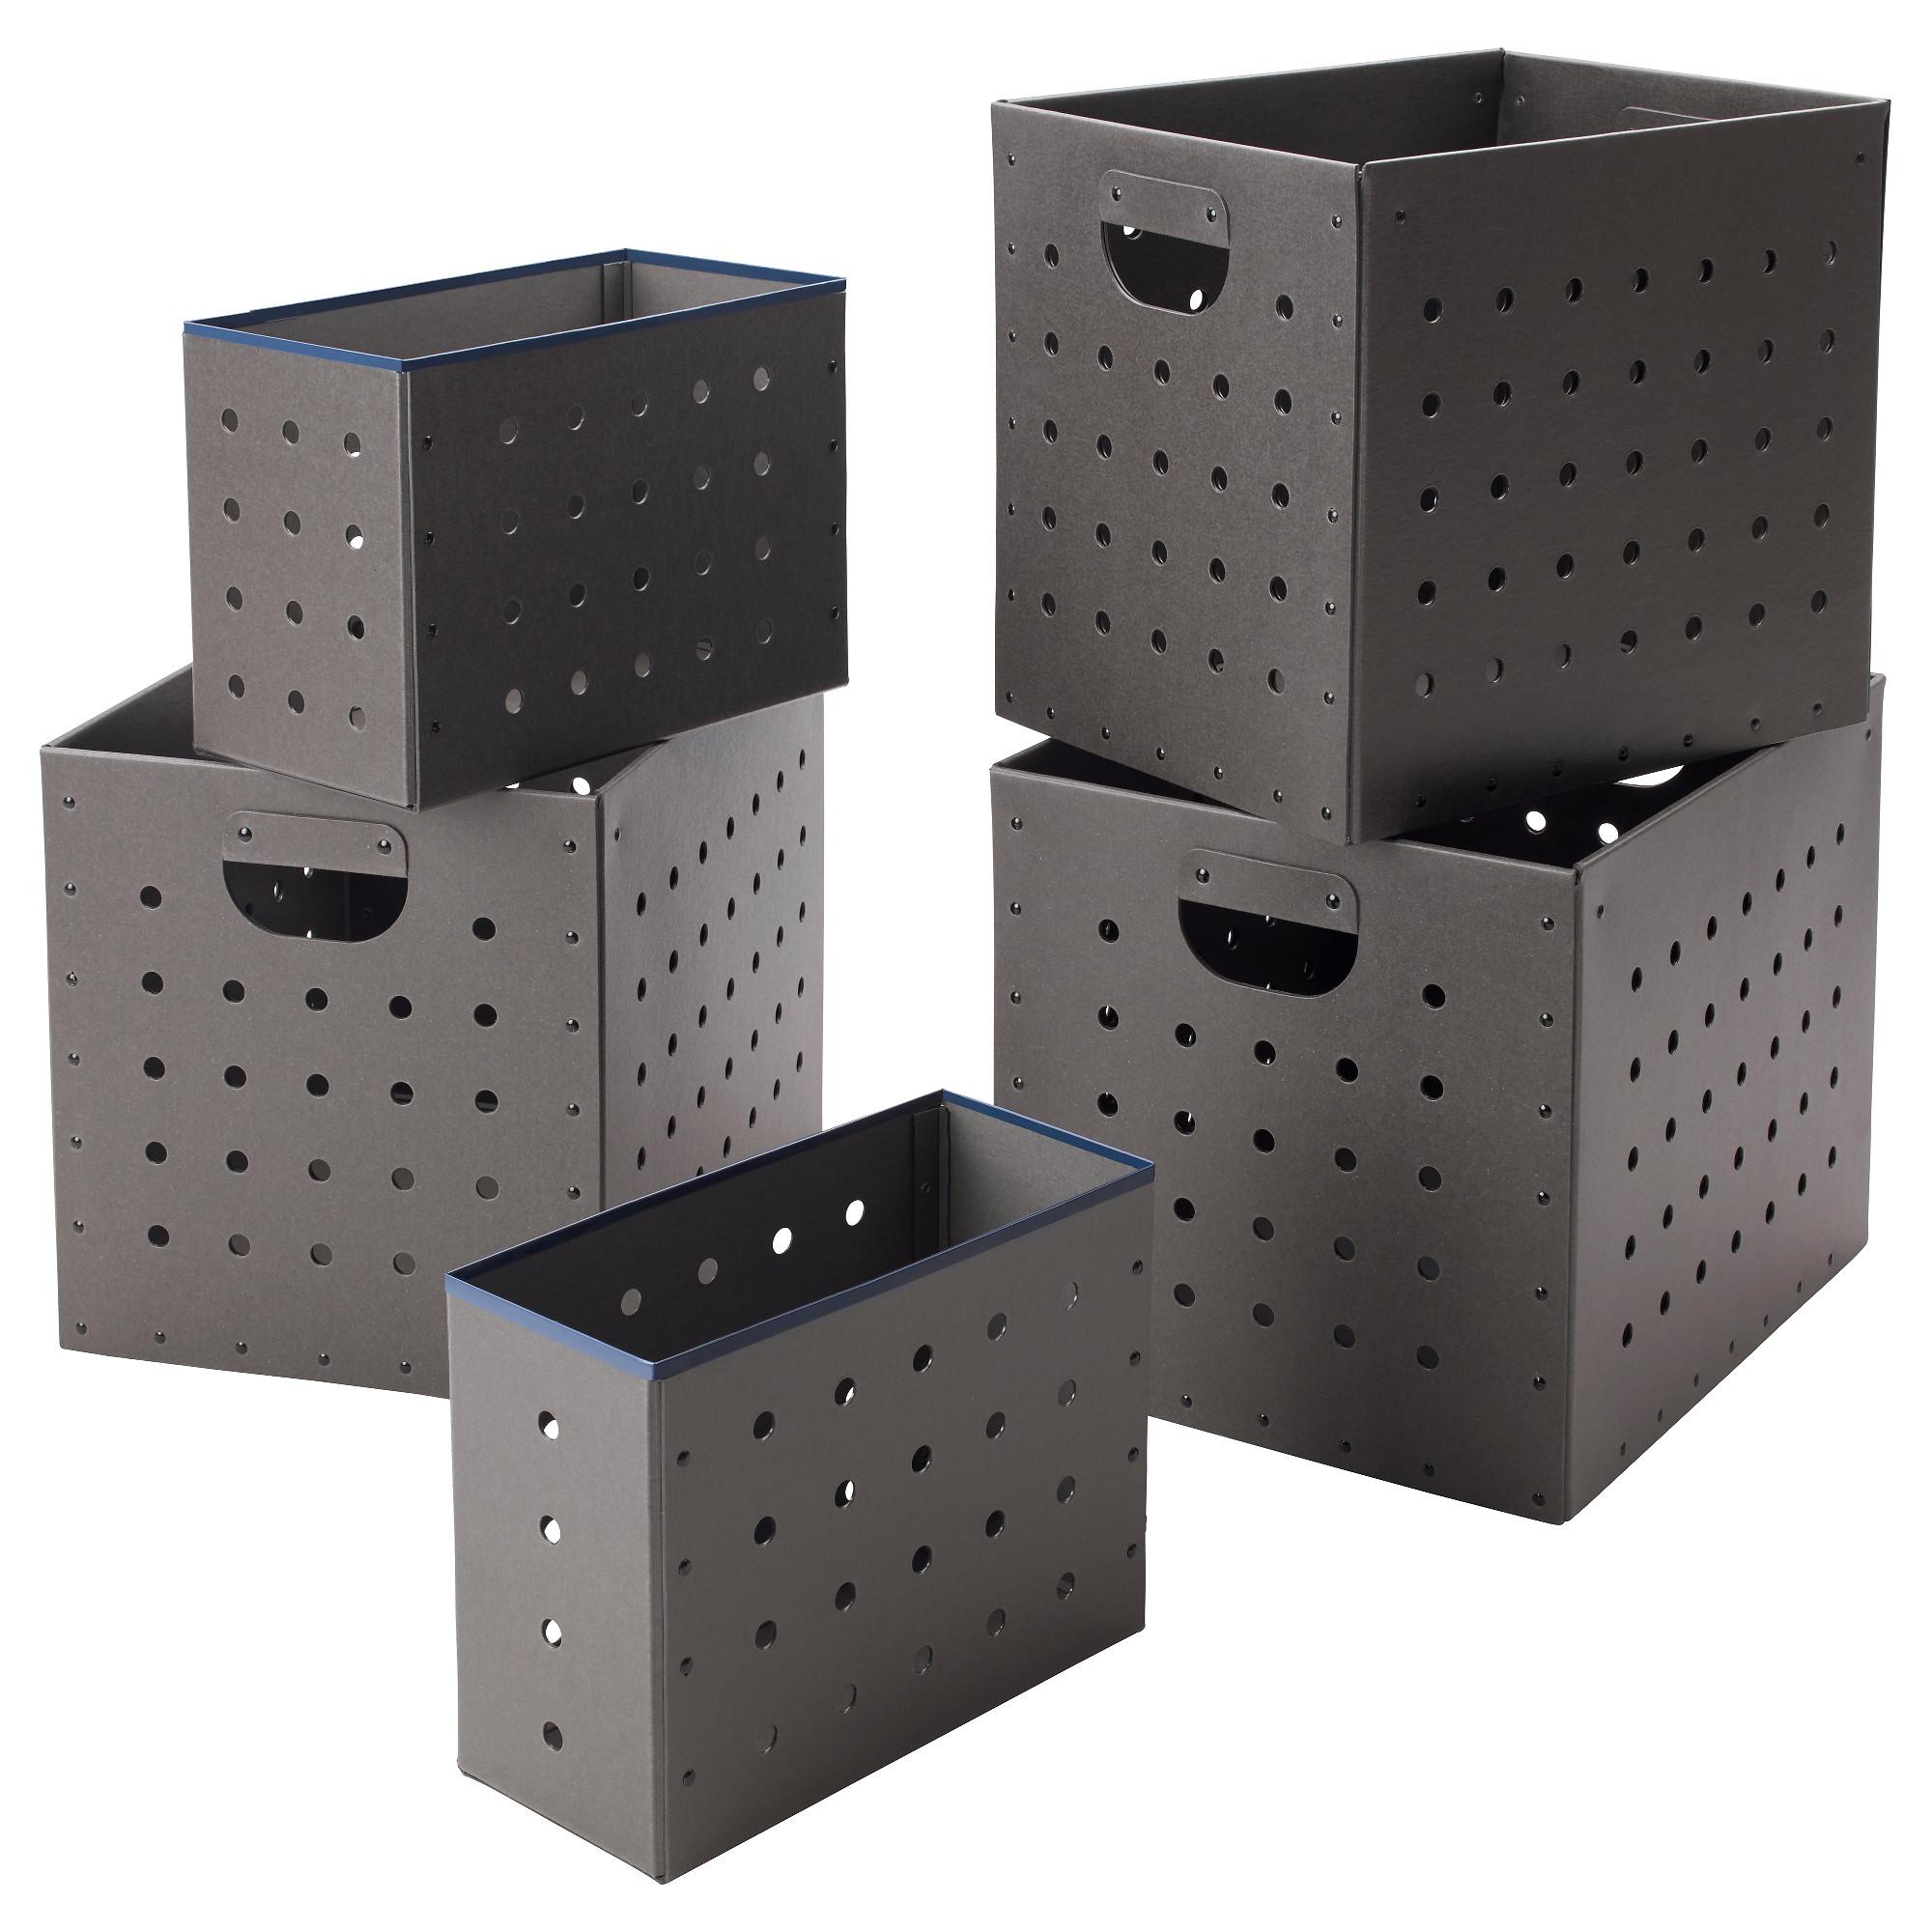 Набор коробок, 5 шт. ИКЕА ПС 2017 серый артикуль № 103.346.49 в наличии. Интернет магазин IKEA Беларусь. Недорогая доставка и установка.